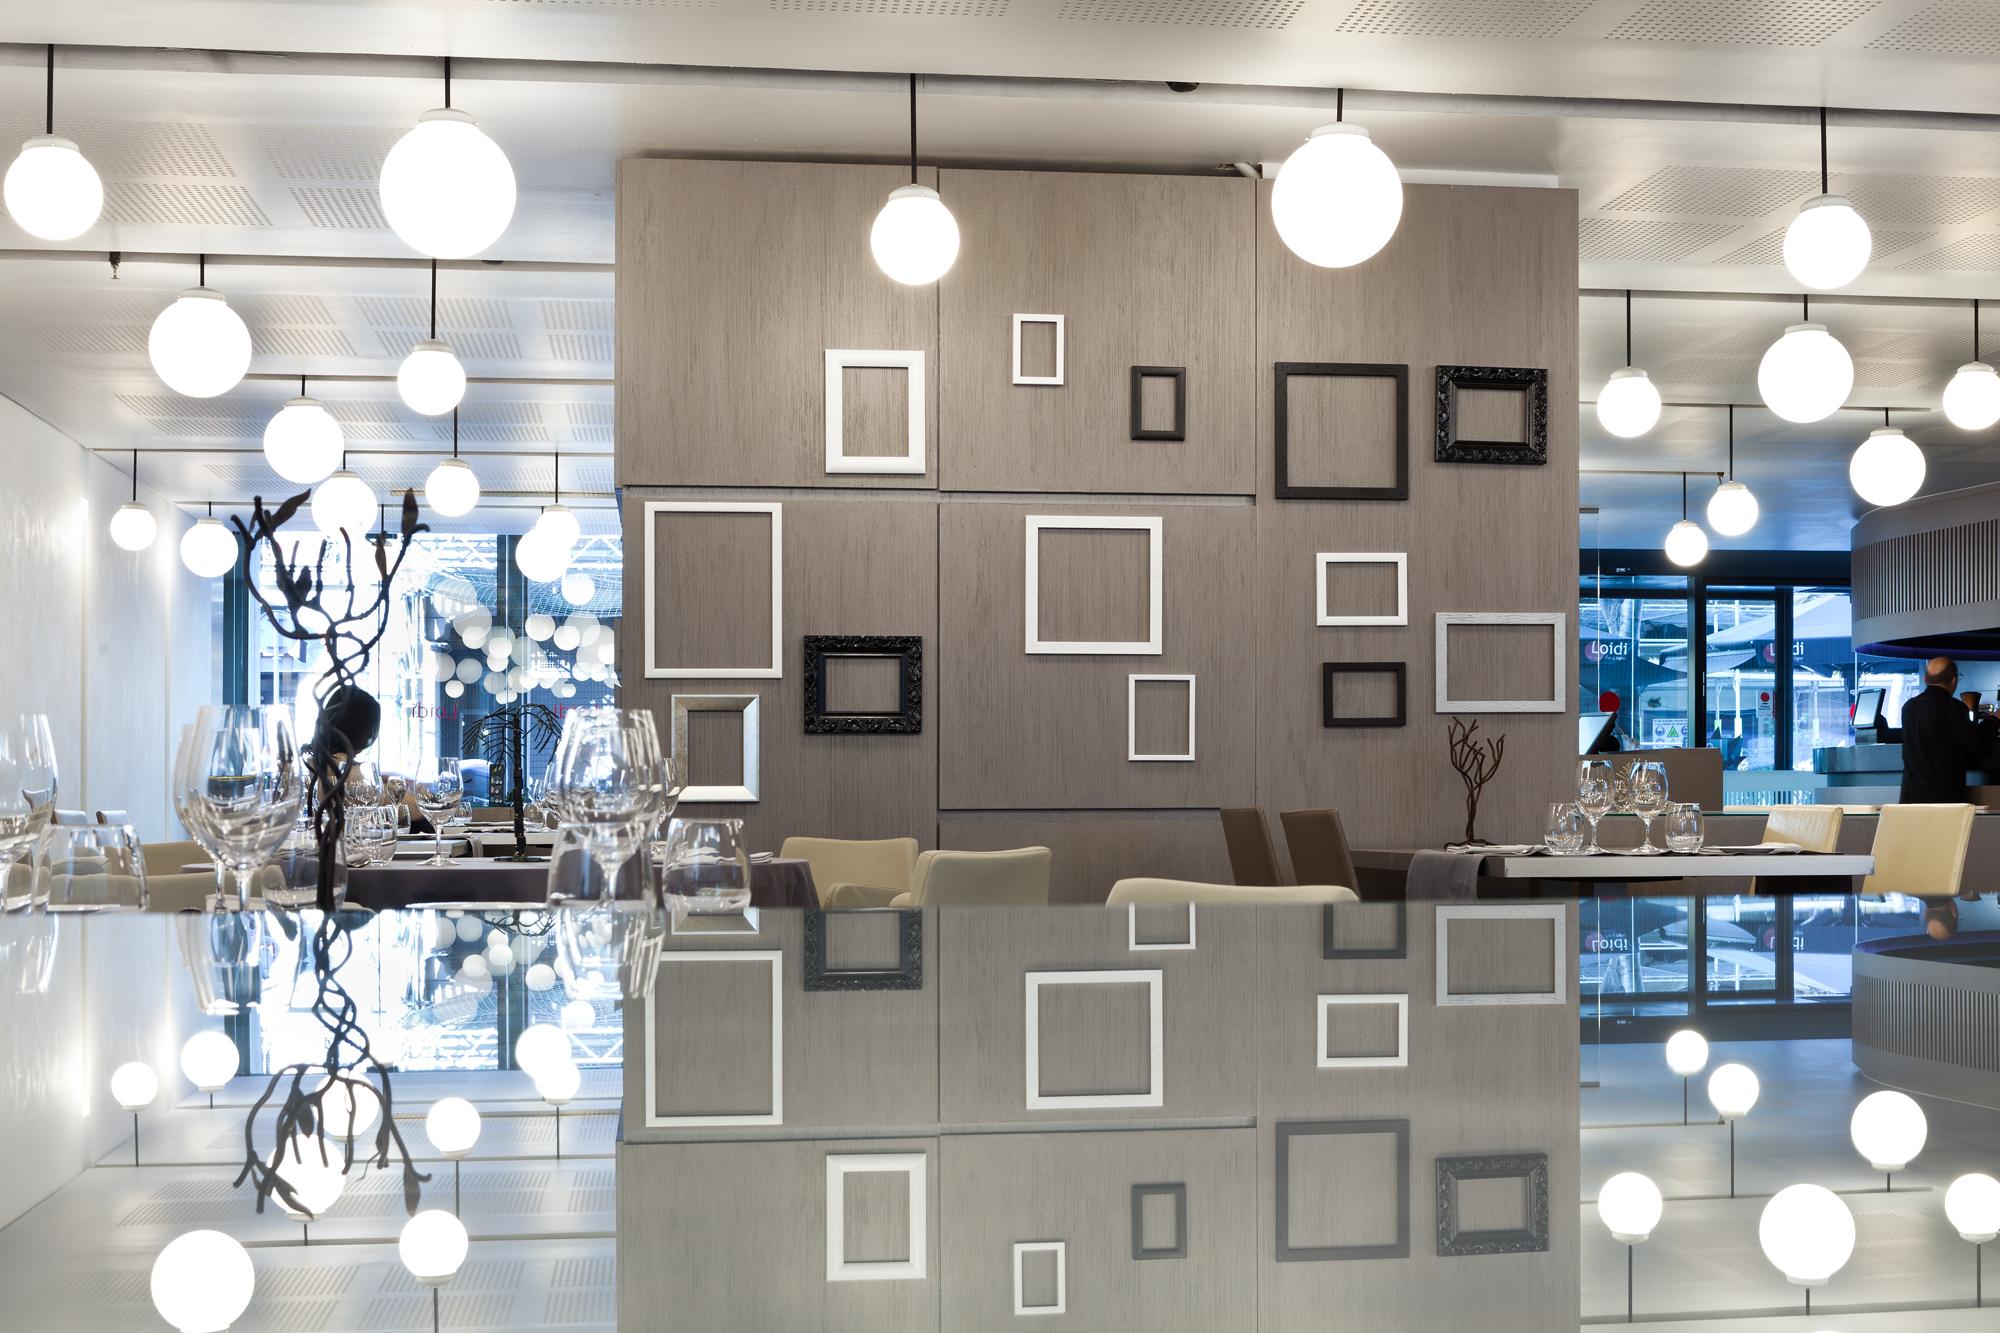 Restaurante-Loidi-Berasategui-Barcelona-reforma-2